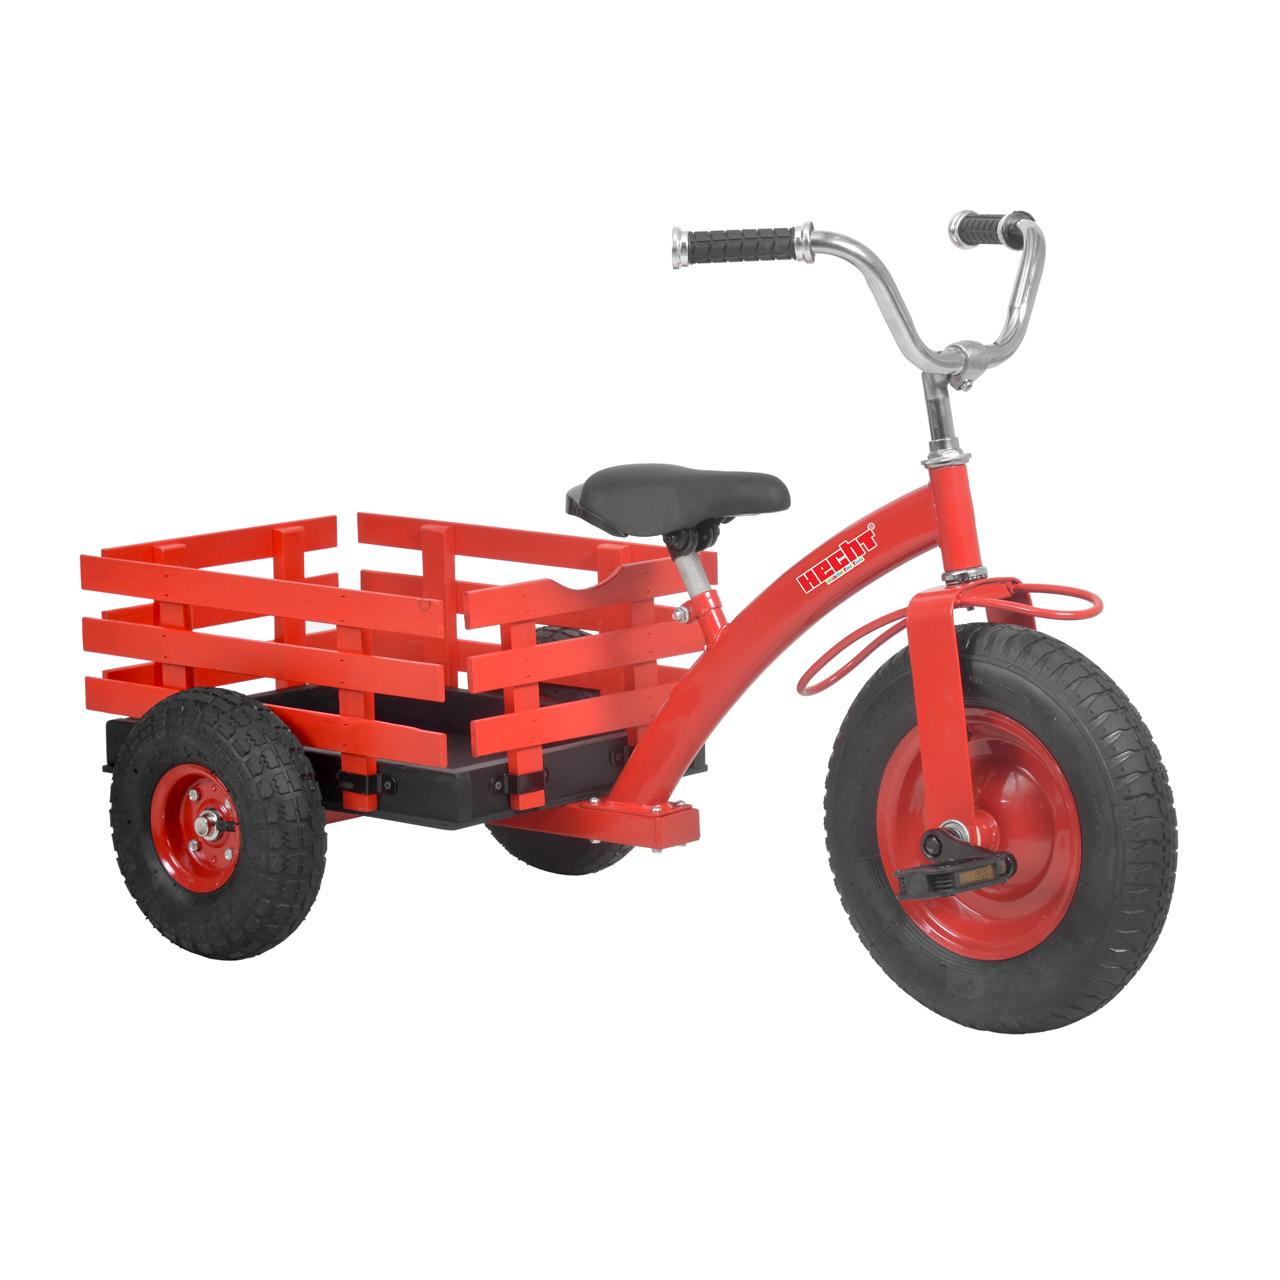 HECHT 59790 Red - šlapací tříkolka